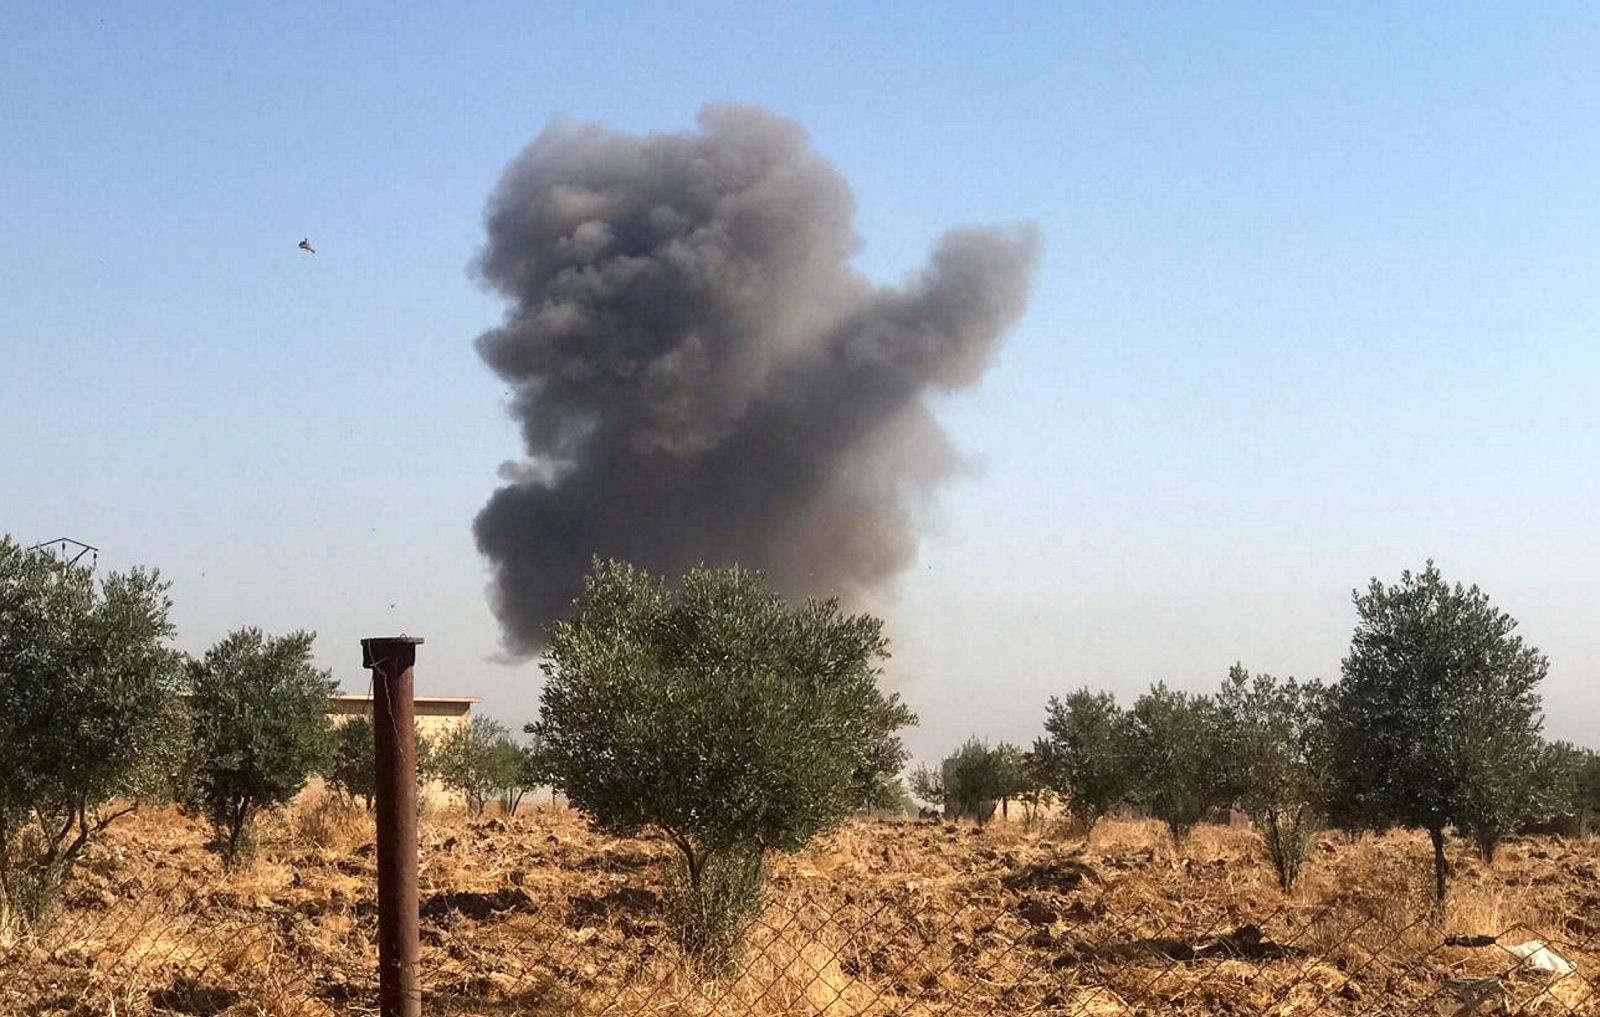 Les forces turques ont bombardé jeudi les alentours de Ras al Aïn, y compris le village de Tel Arkam (en photo). La Turquie a poursuivi son offensive sur les territoires syriens tenus par les miliciens kurdes, poussant la population à fuir par milliers. /Photo prise le 10 octobre 2019/REUTERS